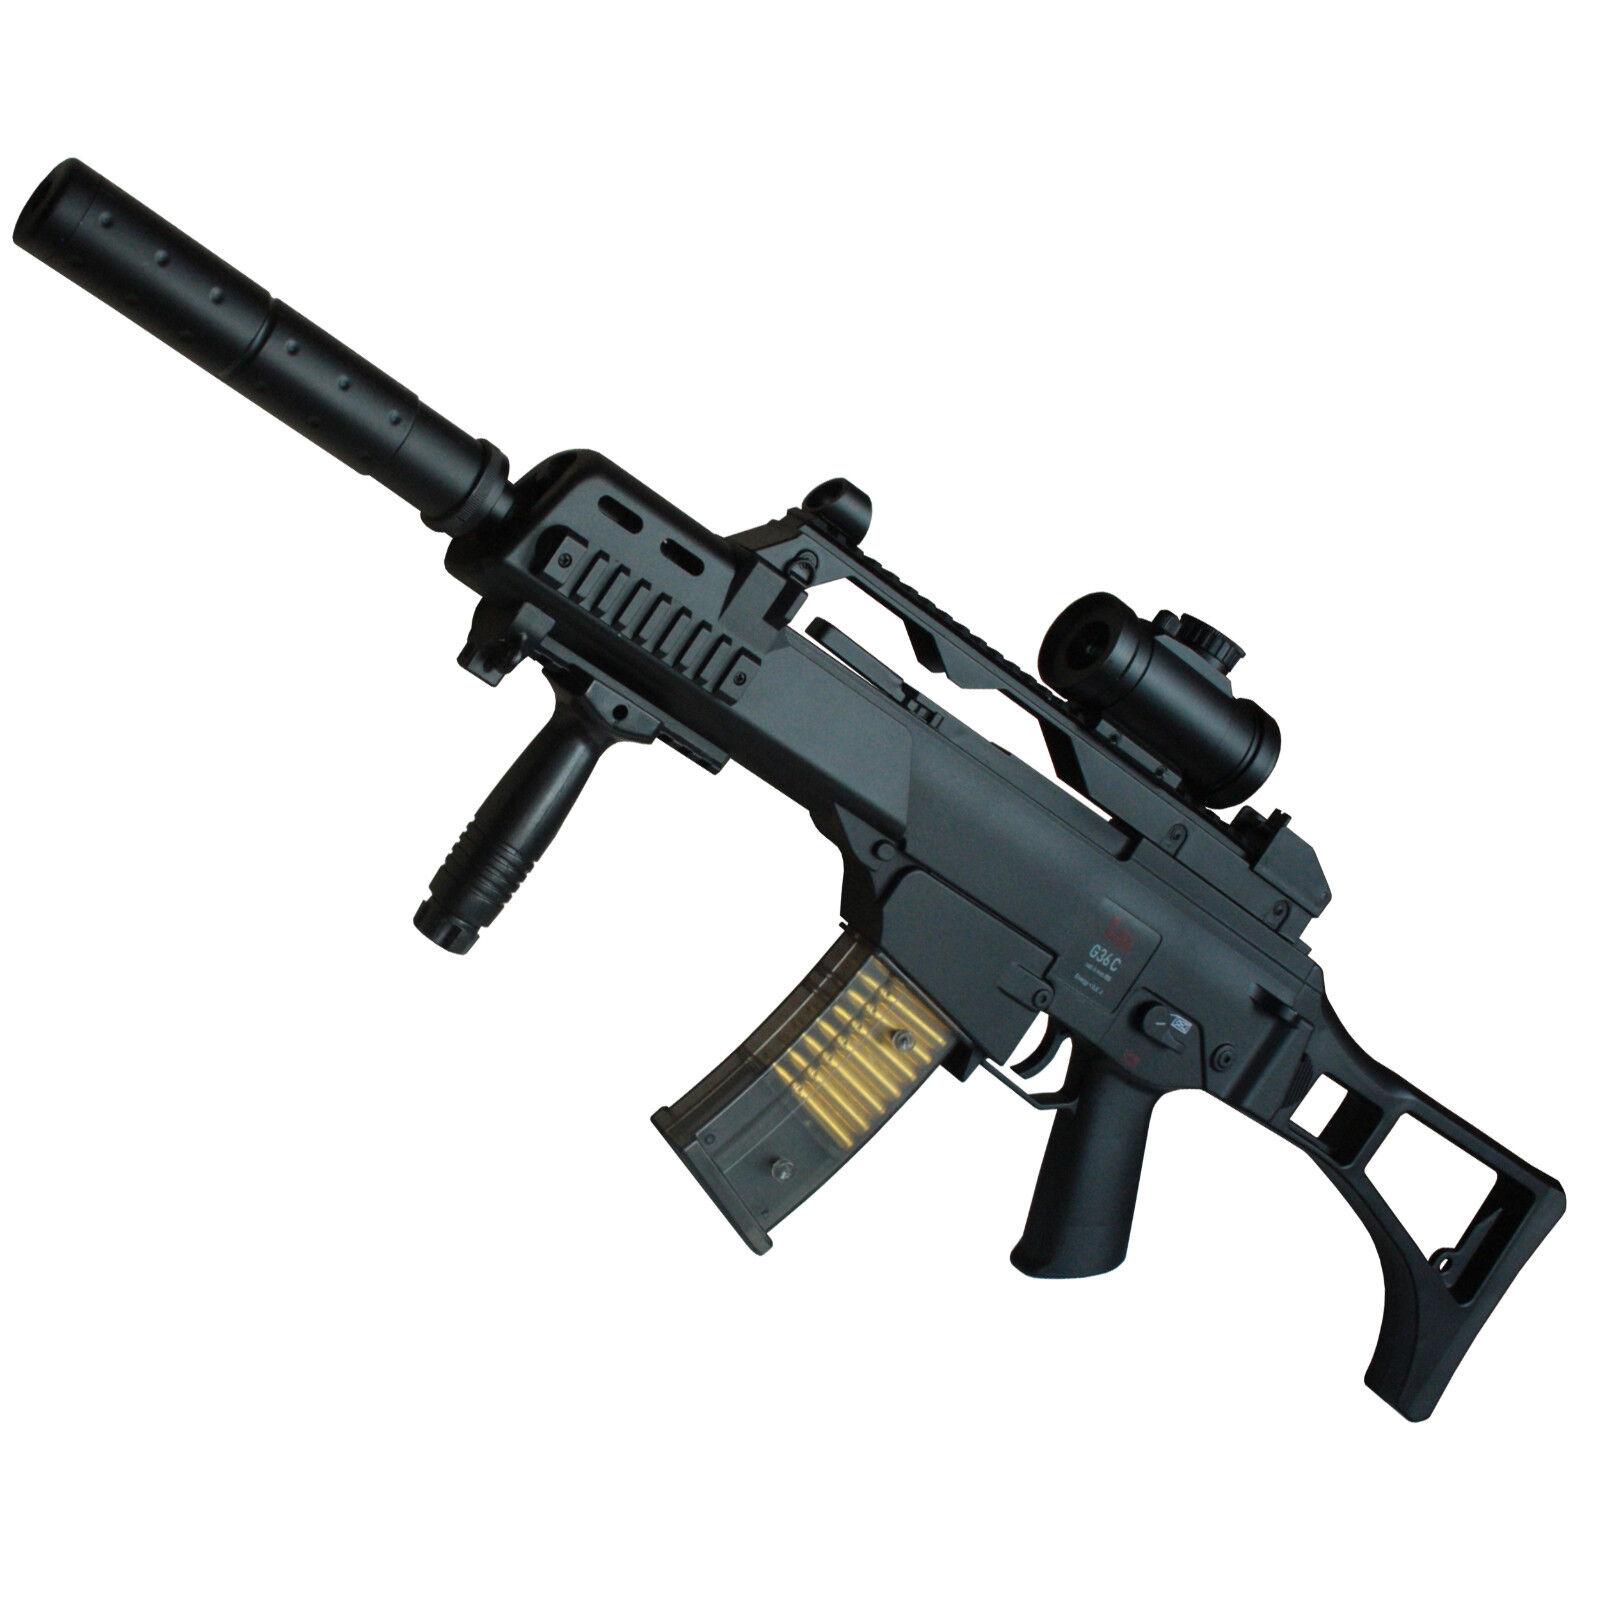 Heckler & Koch G36 C Softair Gewehr Federdruck mit viel Zubehör < 0,5 Joule